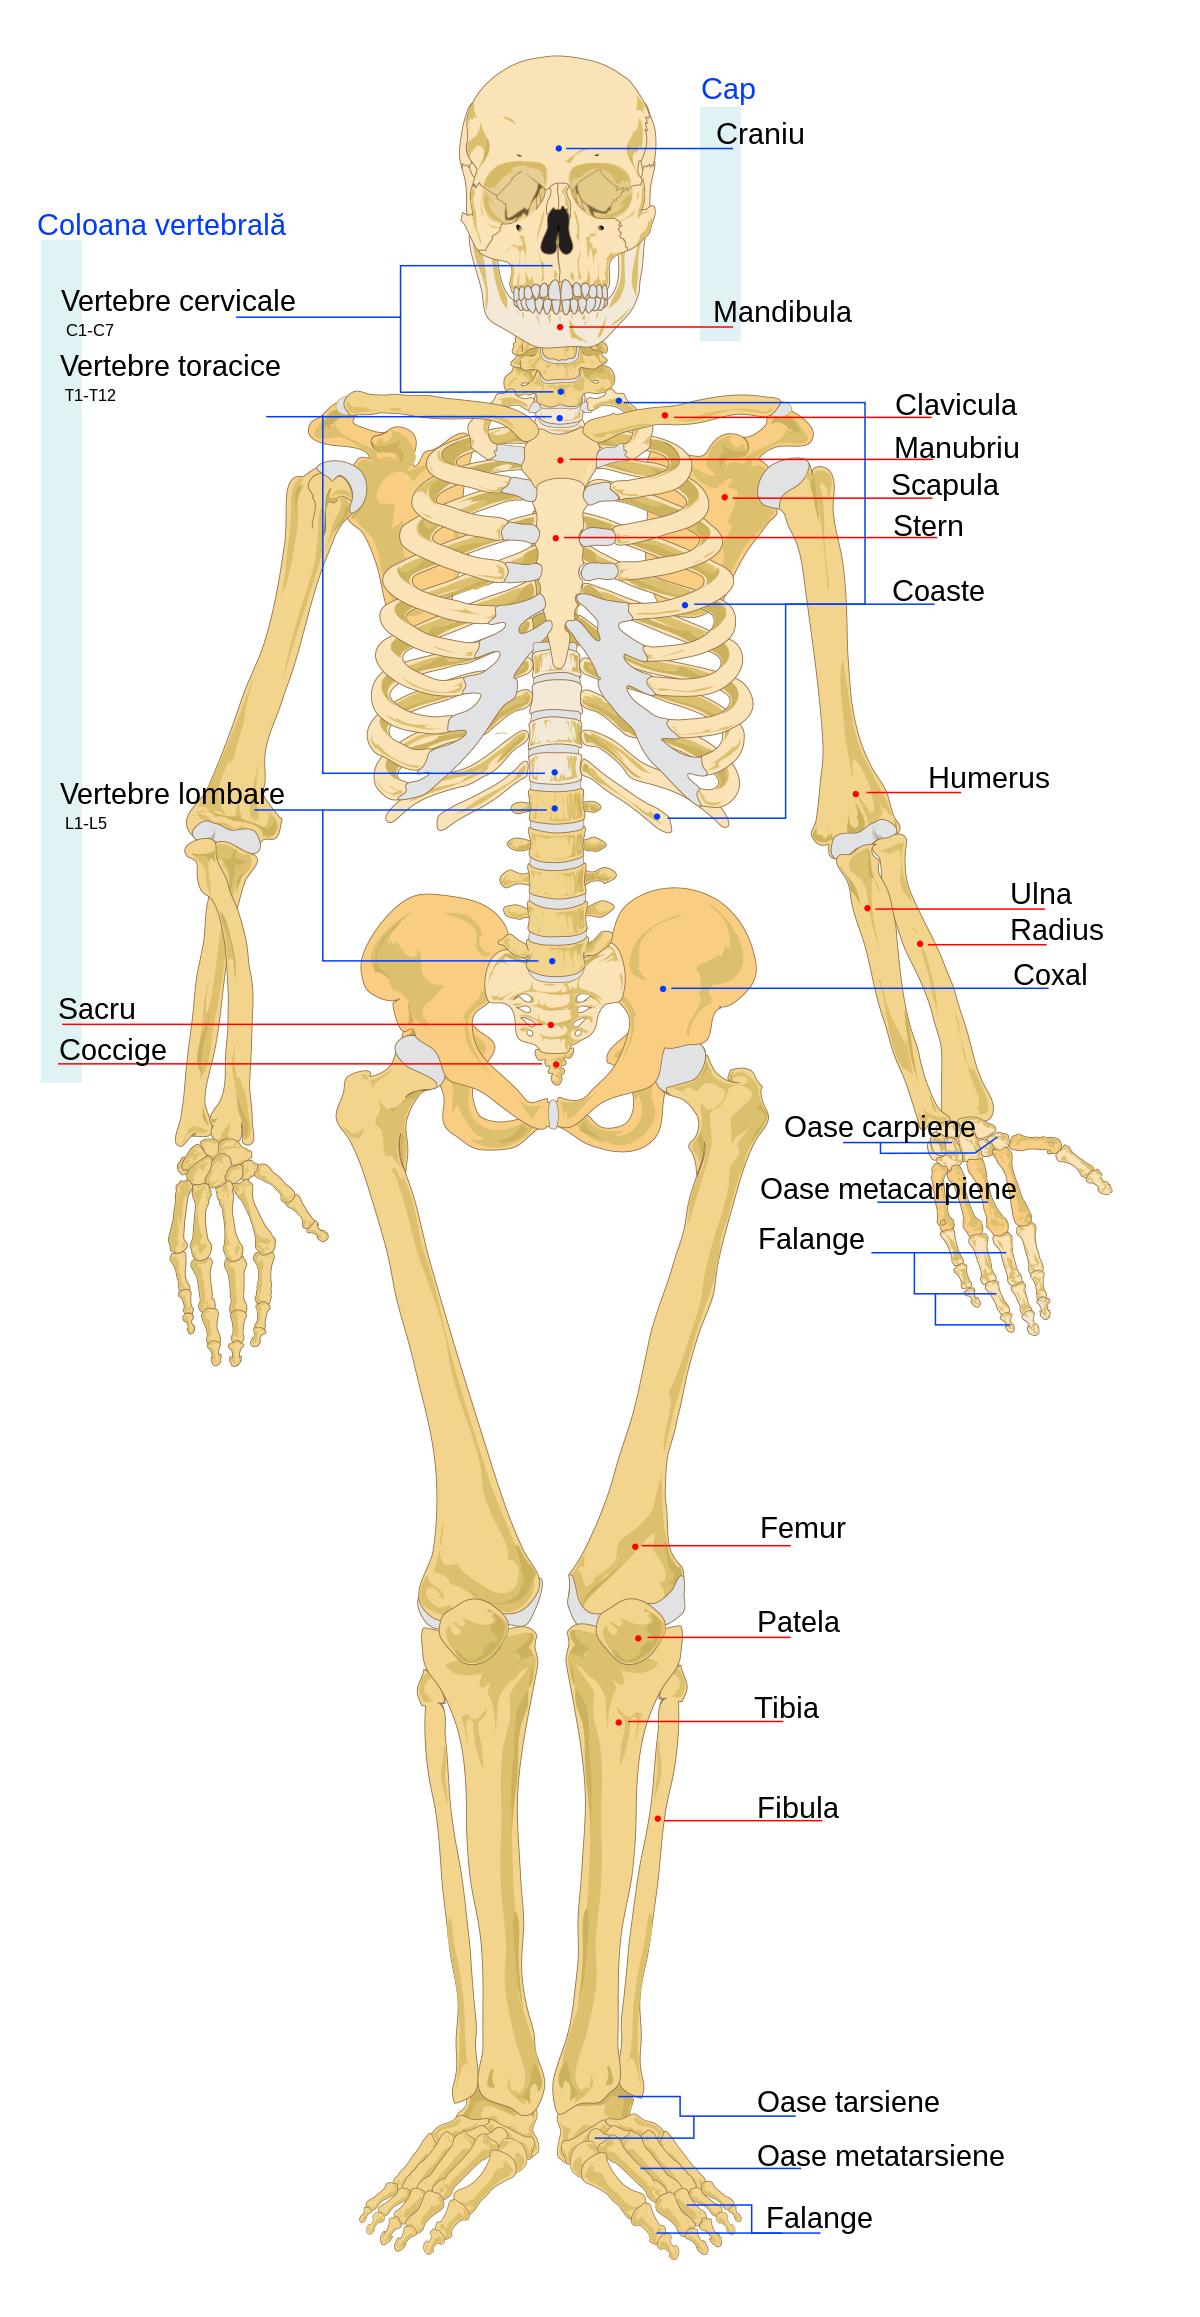 Boala latină a oaselor și articulațiilor face clic pe articulația șoldului cu durere